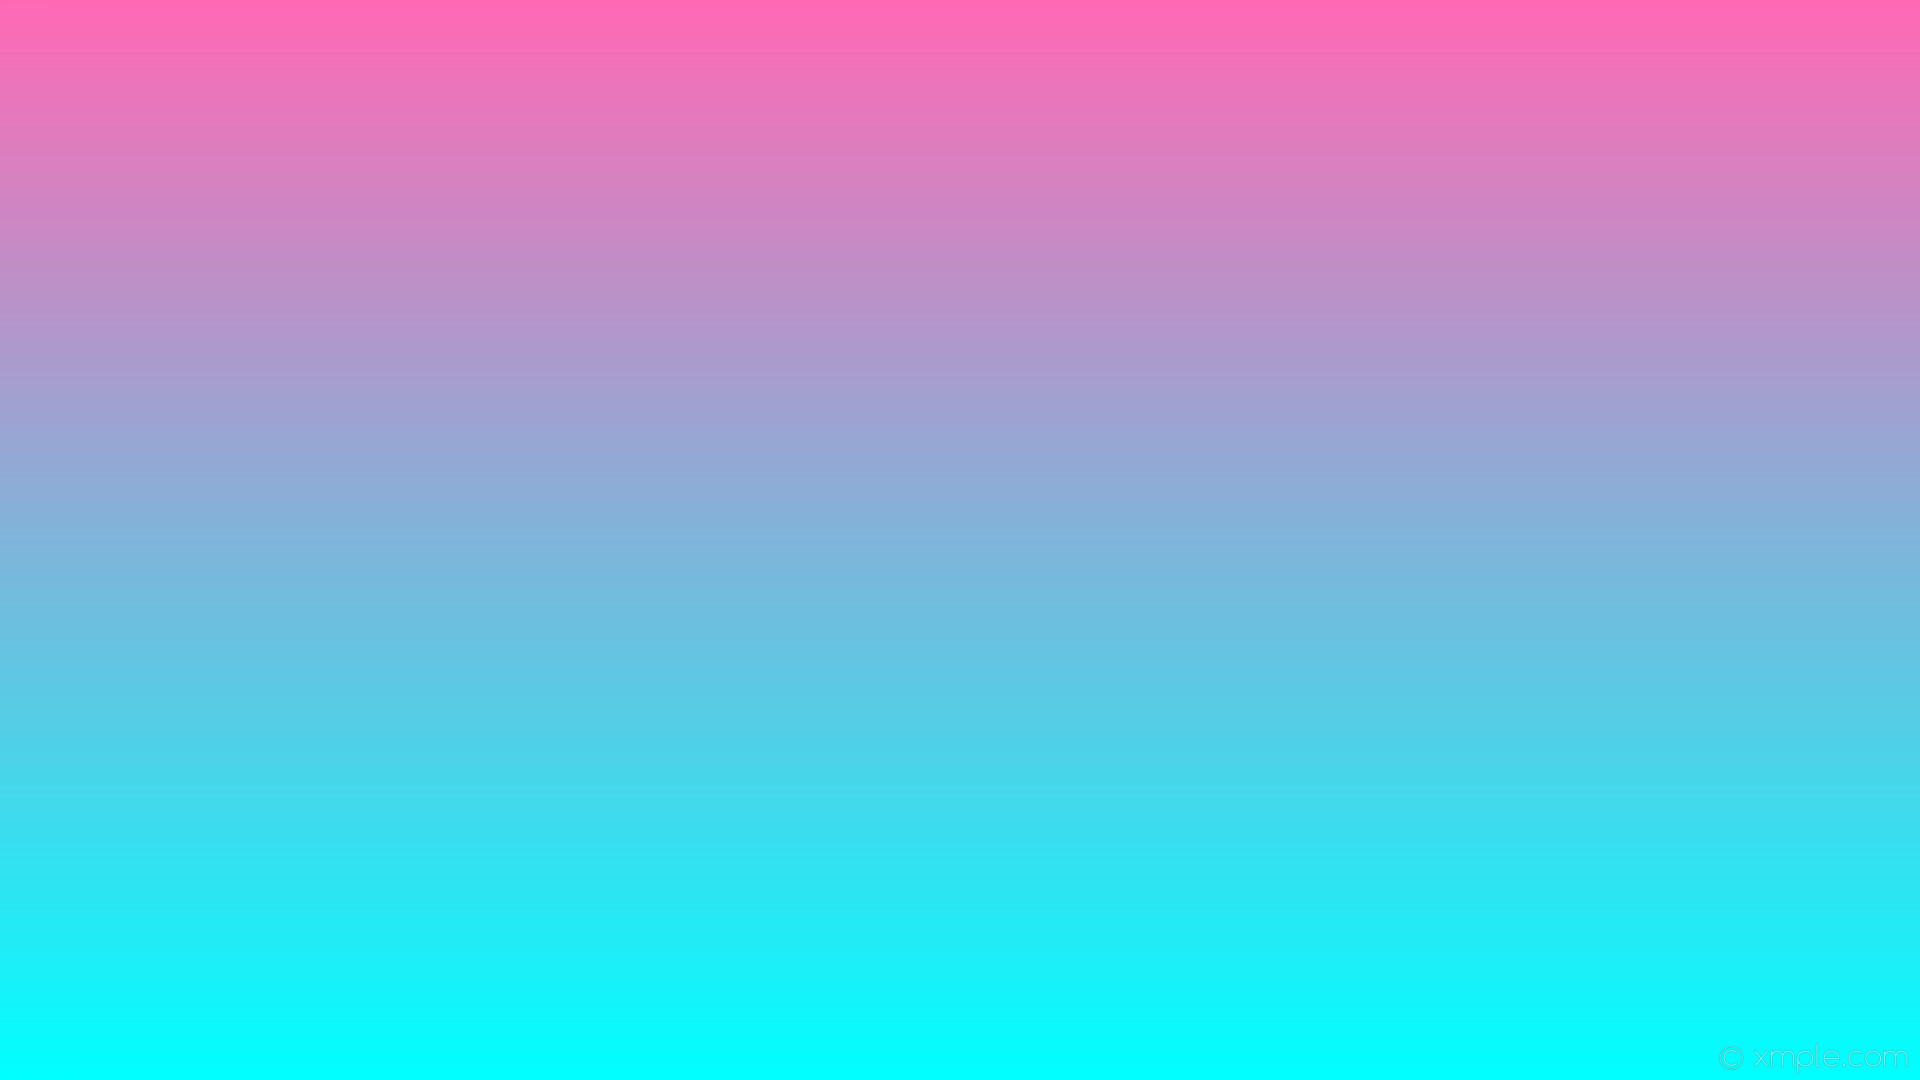 wallpaper blue pink gradient linear hot pink aqua cyan #ff69b4 #00ffff 90°